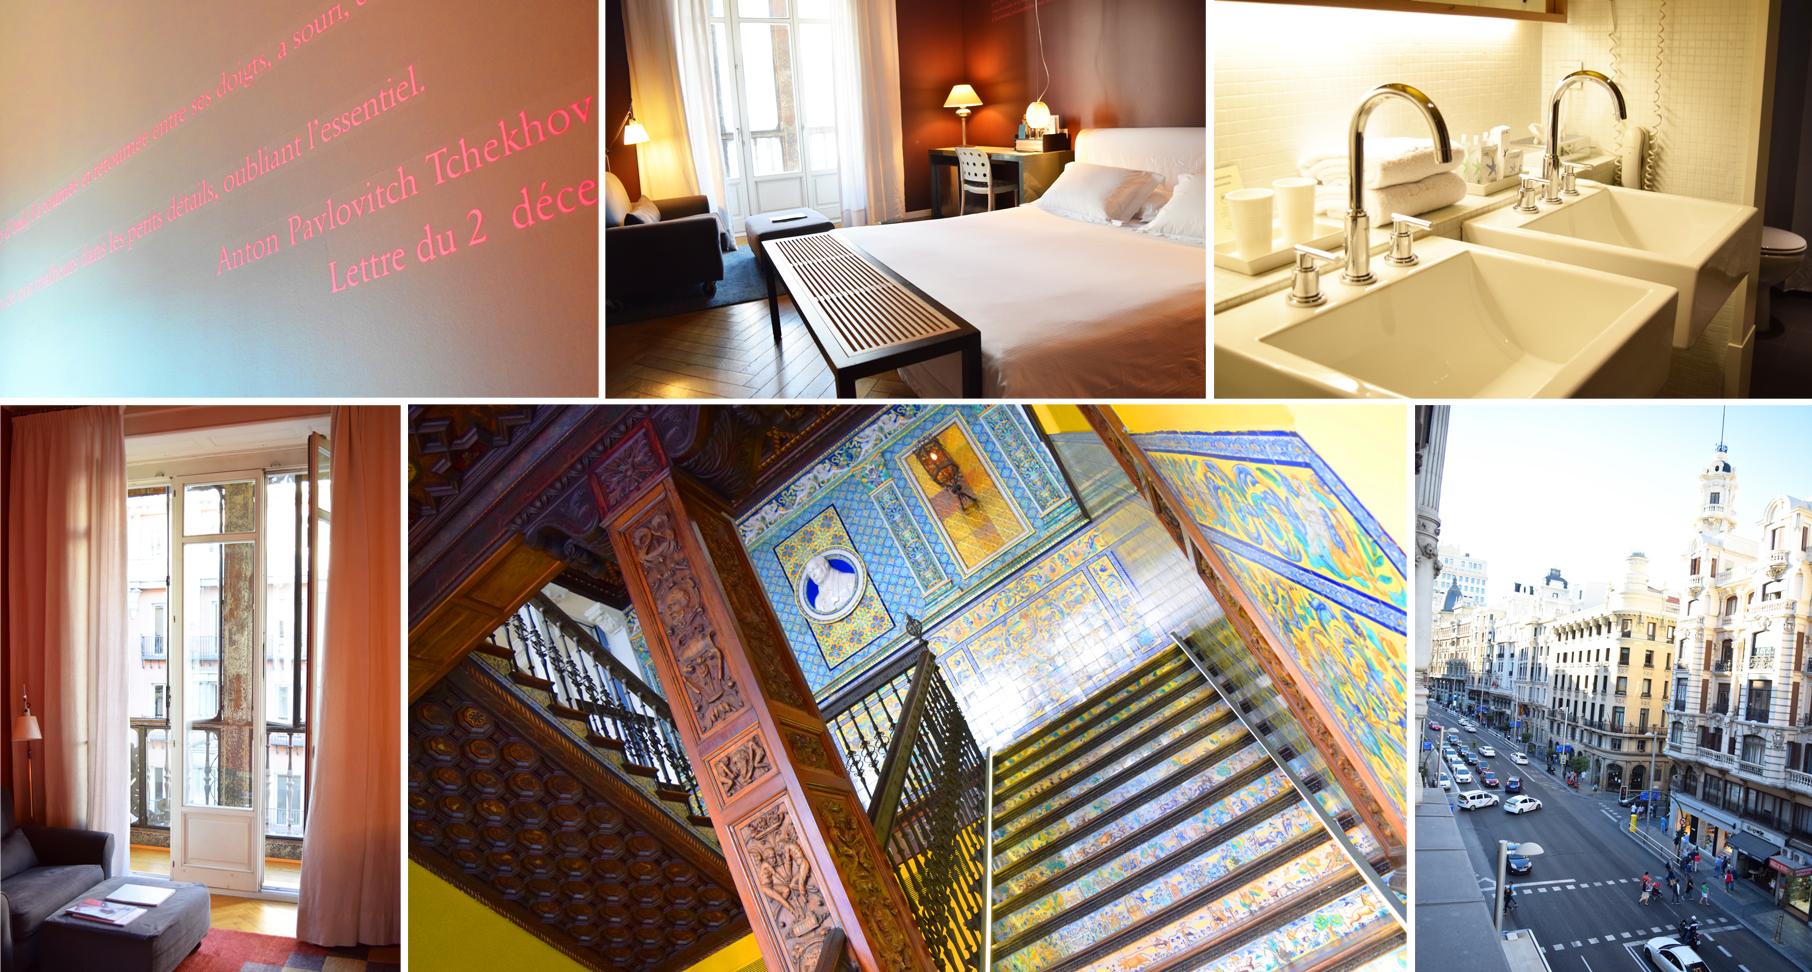 iberostar-las-letras-gran-via-rooms-and-decor